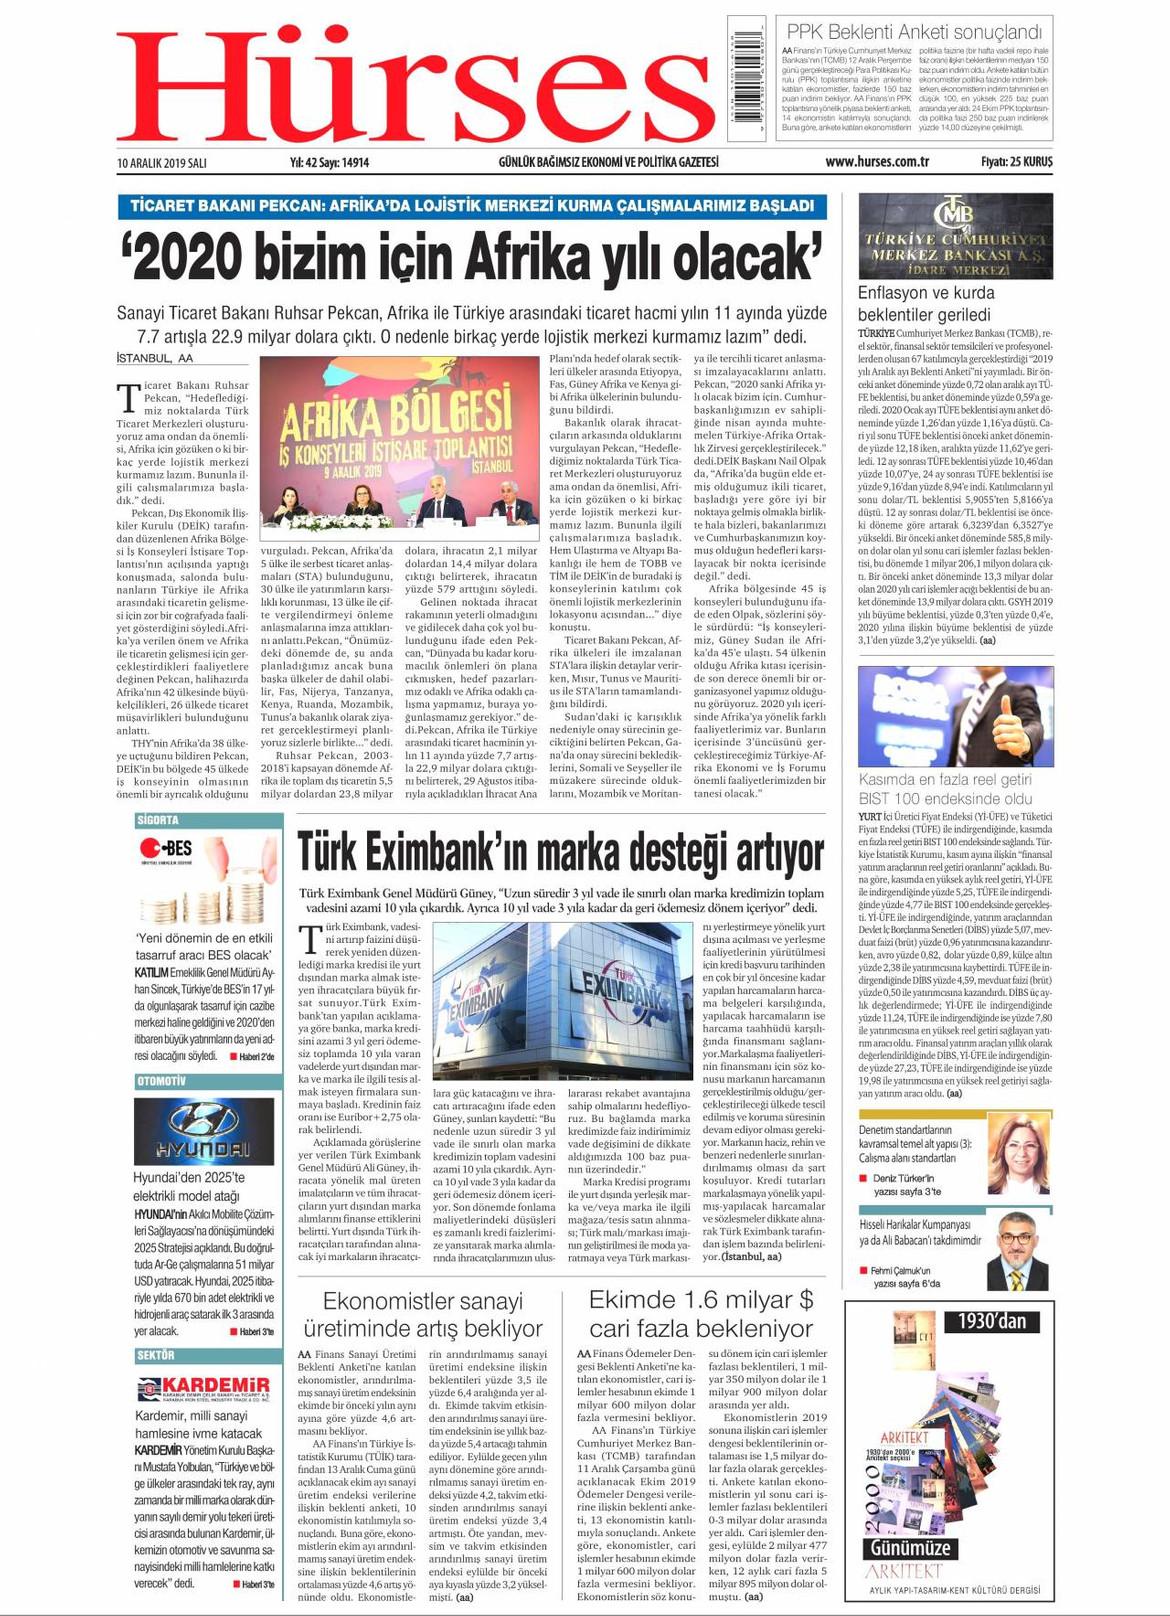 Hürses gazetesi manşet ilk sayfa oku